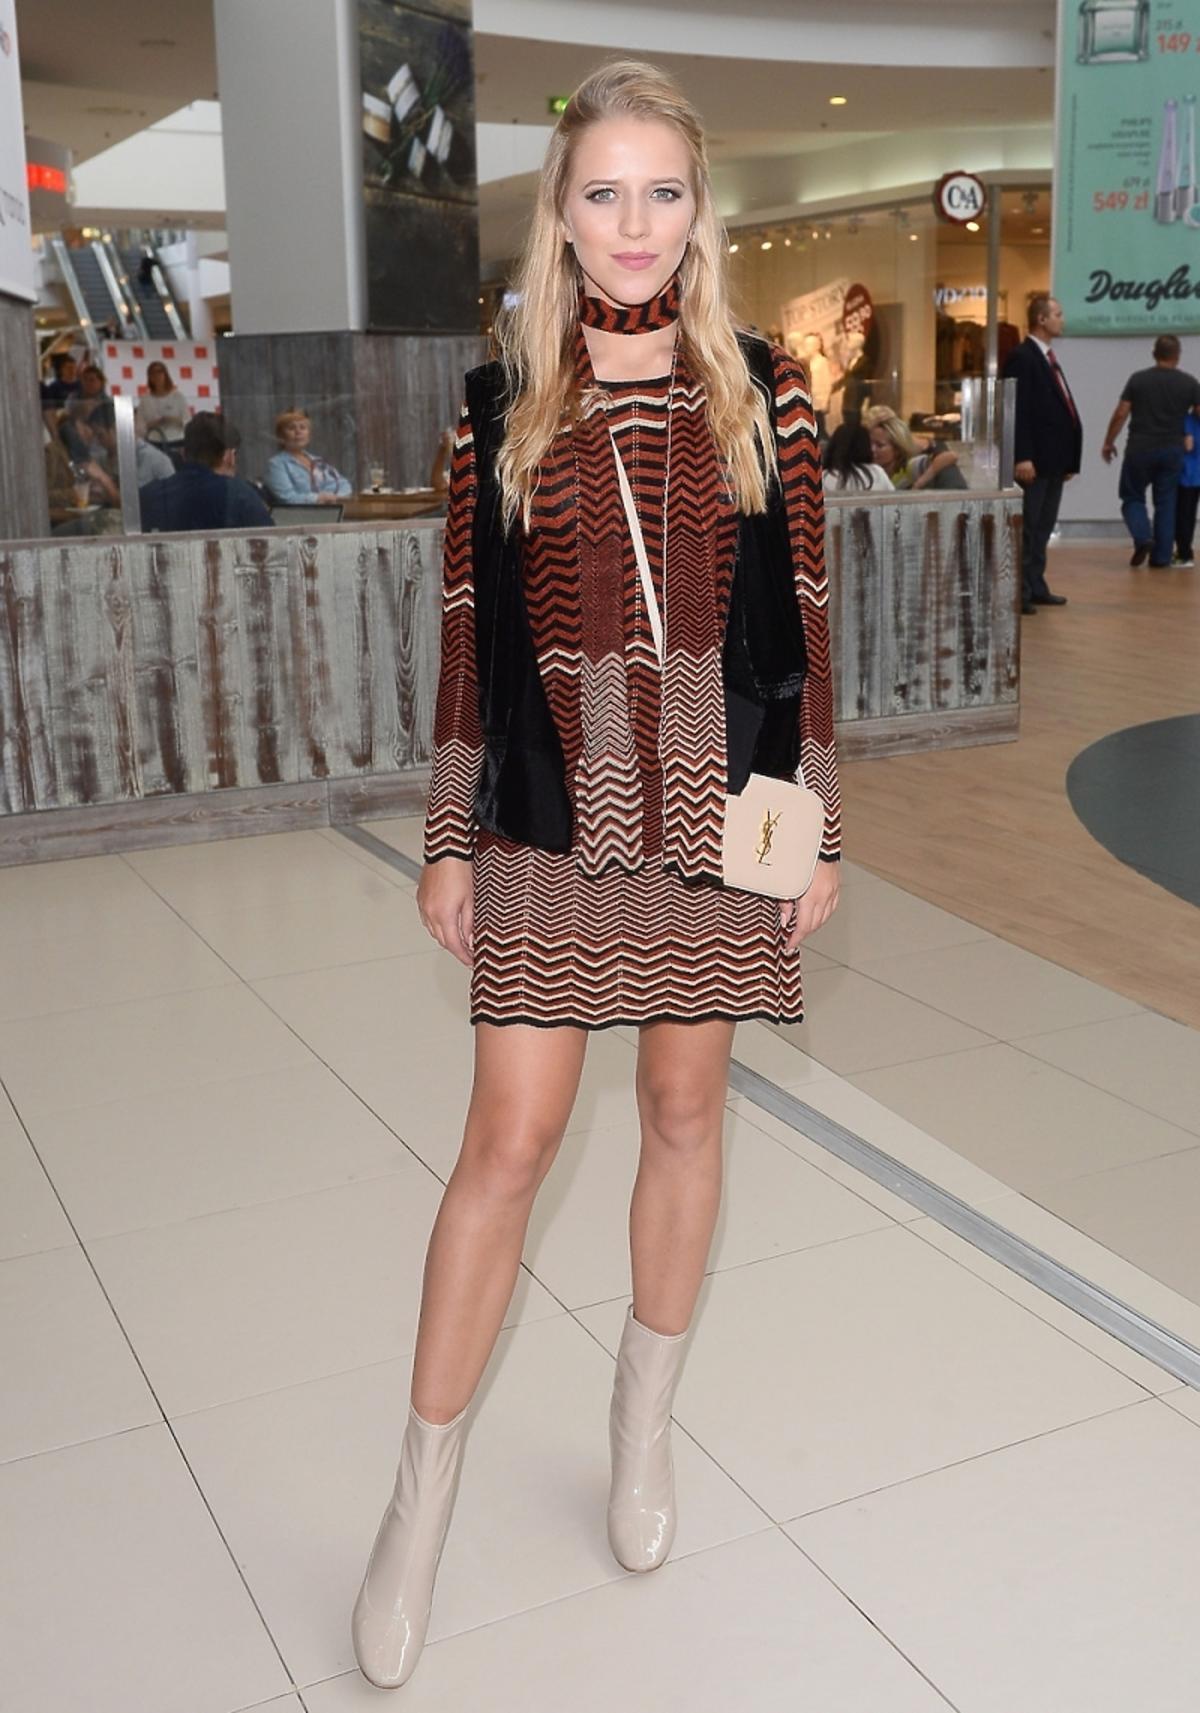 Jessica Mercedes w sukience w kolorowe printy, ciekim szaliku, czarnej kamizelce, beżowych botkach, beżowej torebce na długim pasku